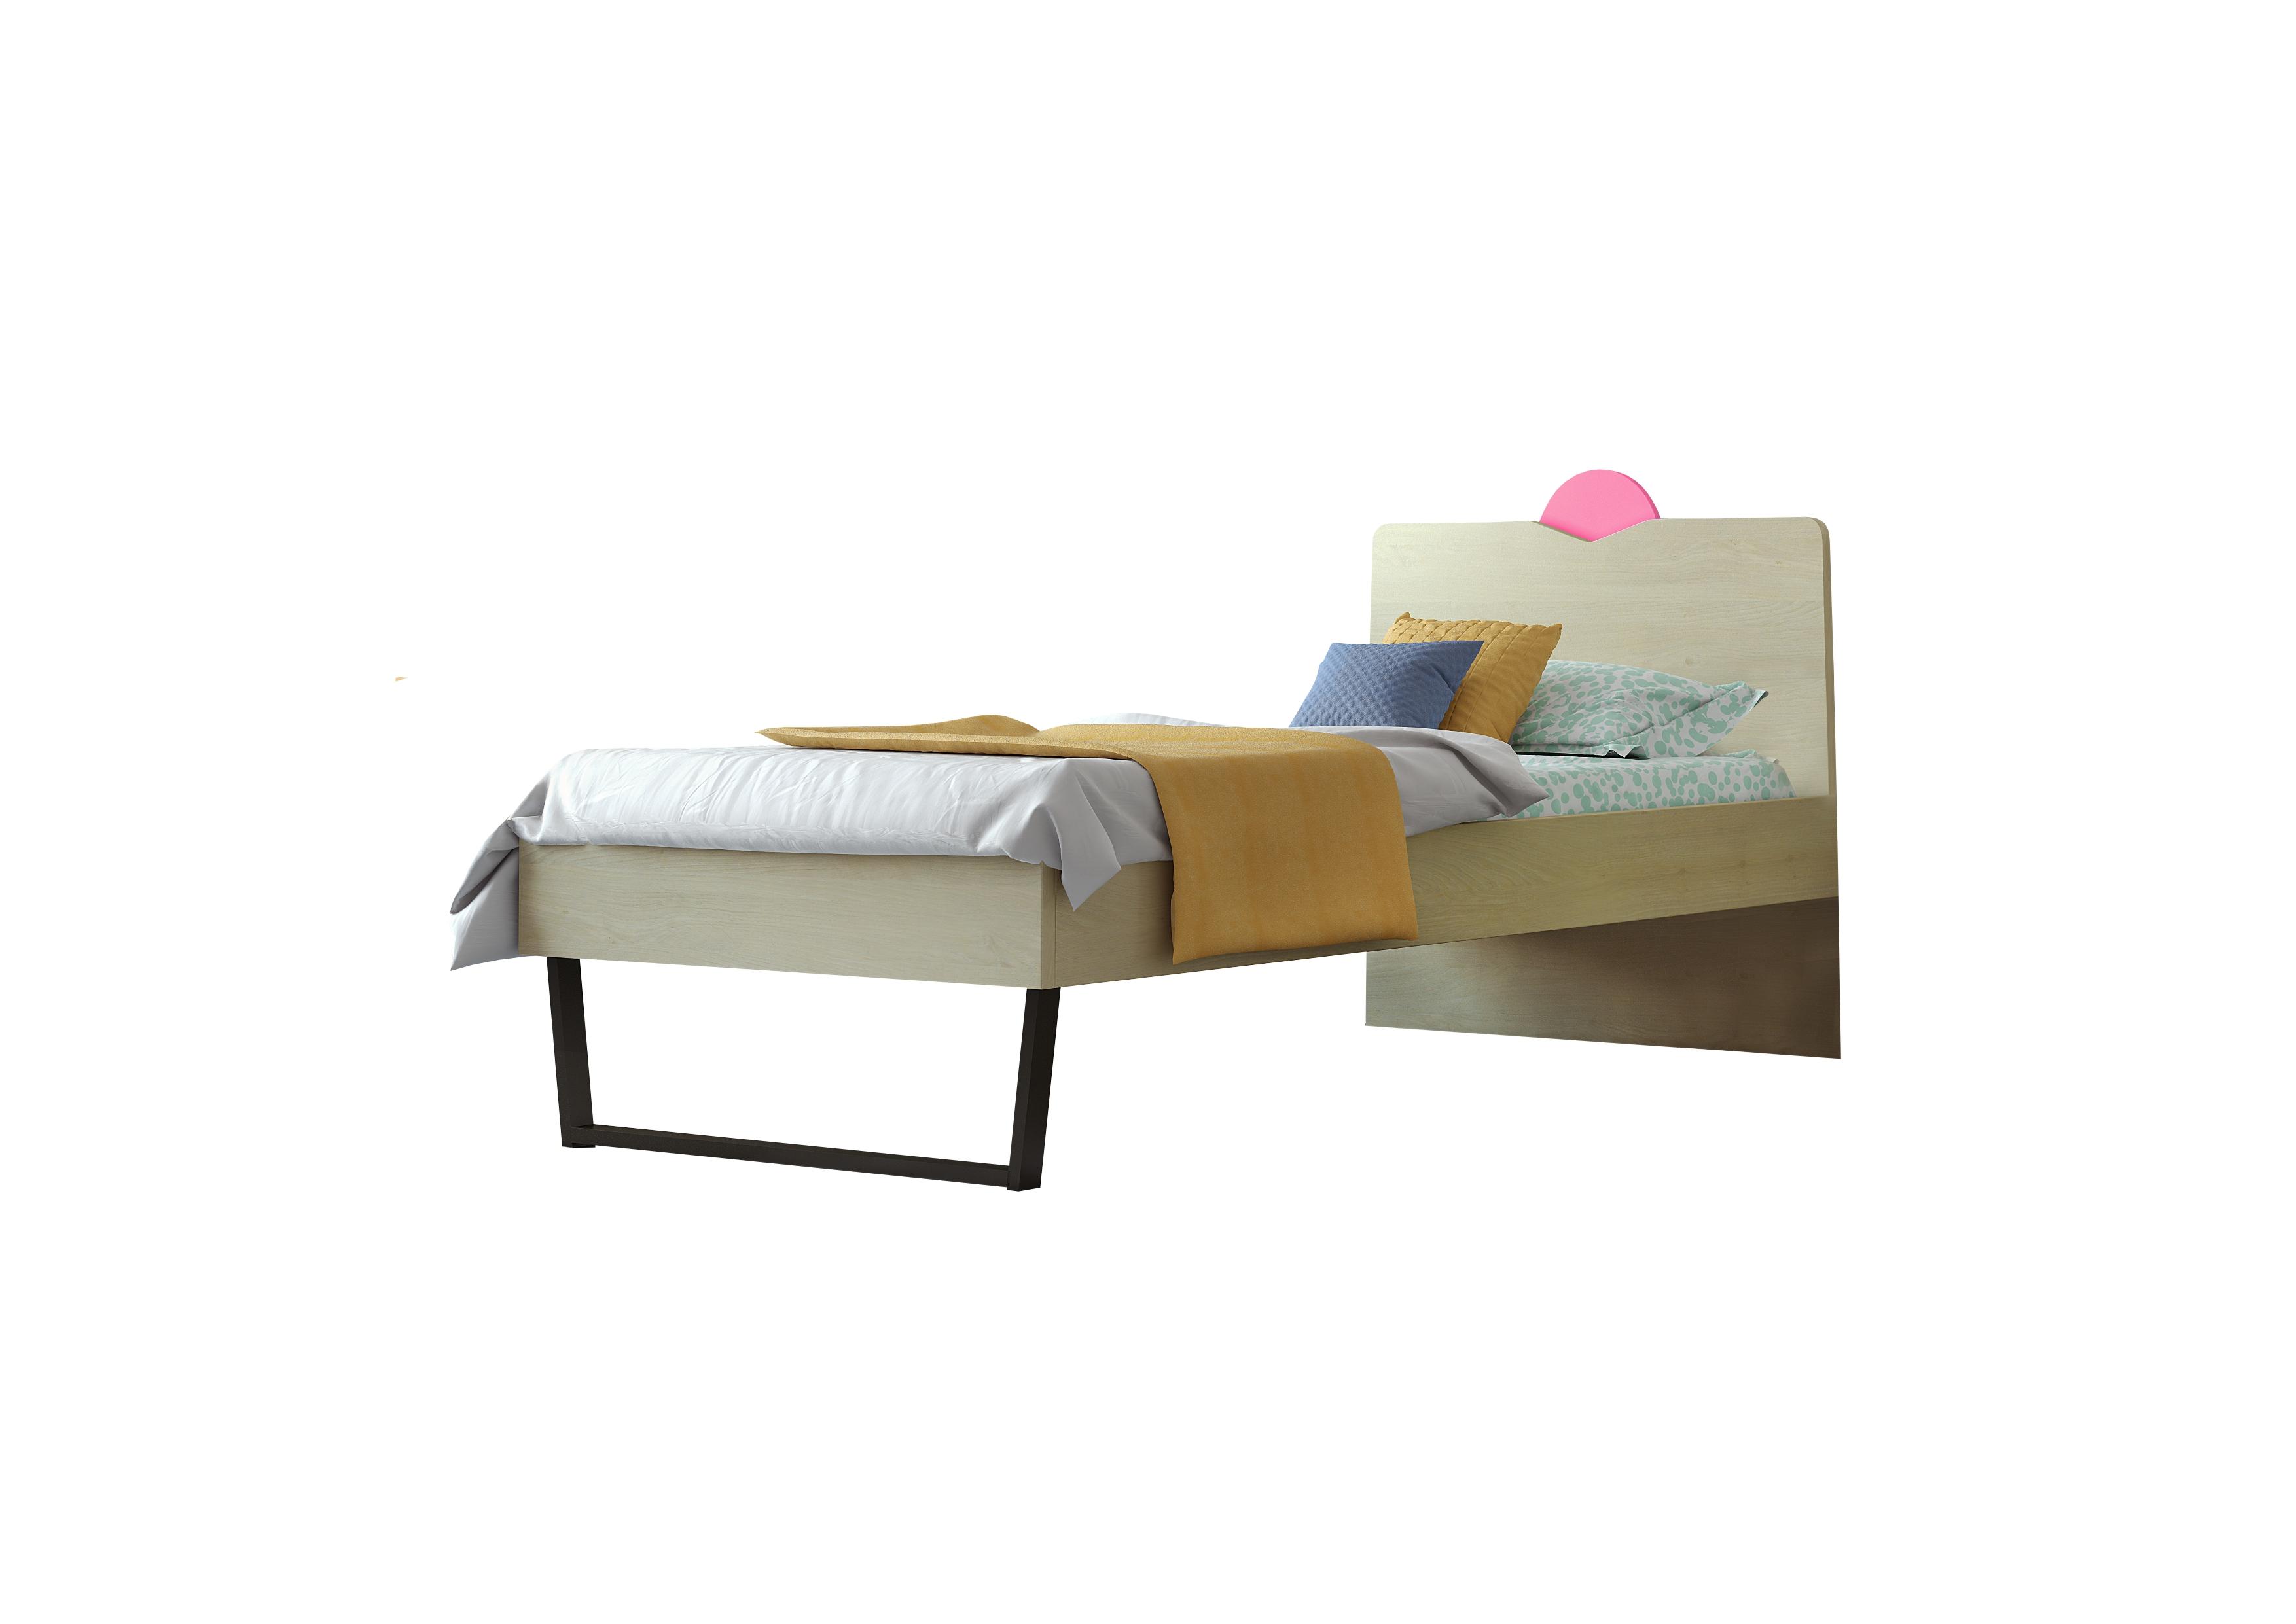 """Παιδικό κρεβάτι """"ΑΝΑΤΟΛΗ"""" μονό σε χρώμα δρυς-ροζ 90x190"""